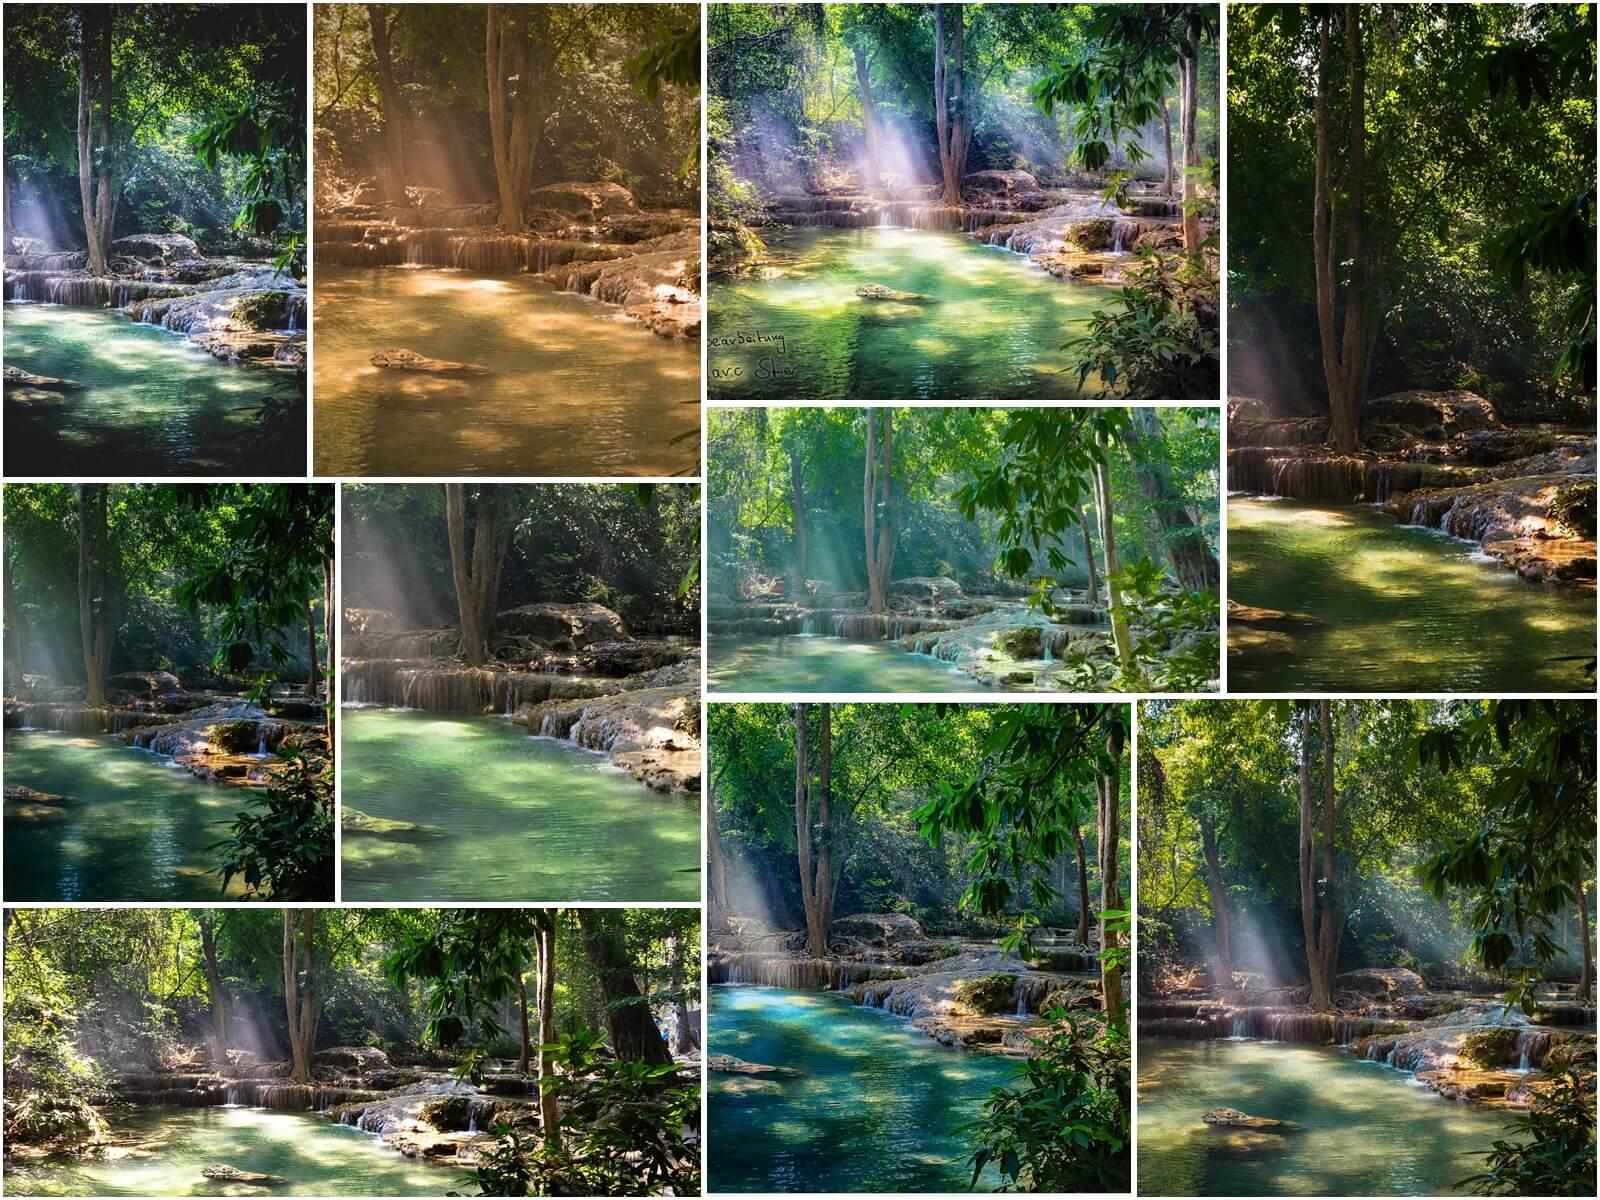 Fotobearbeitungs Challenge 4 - Zusammenfassung